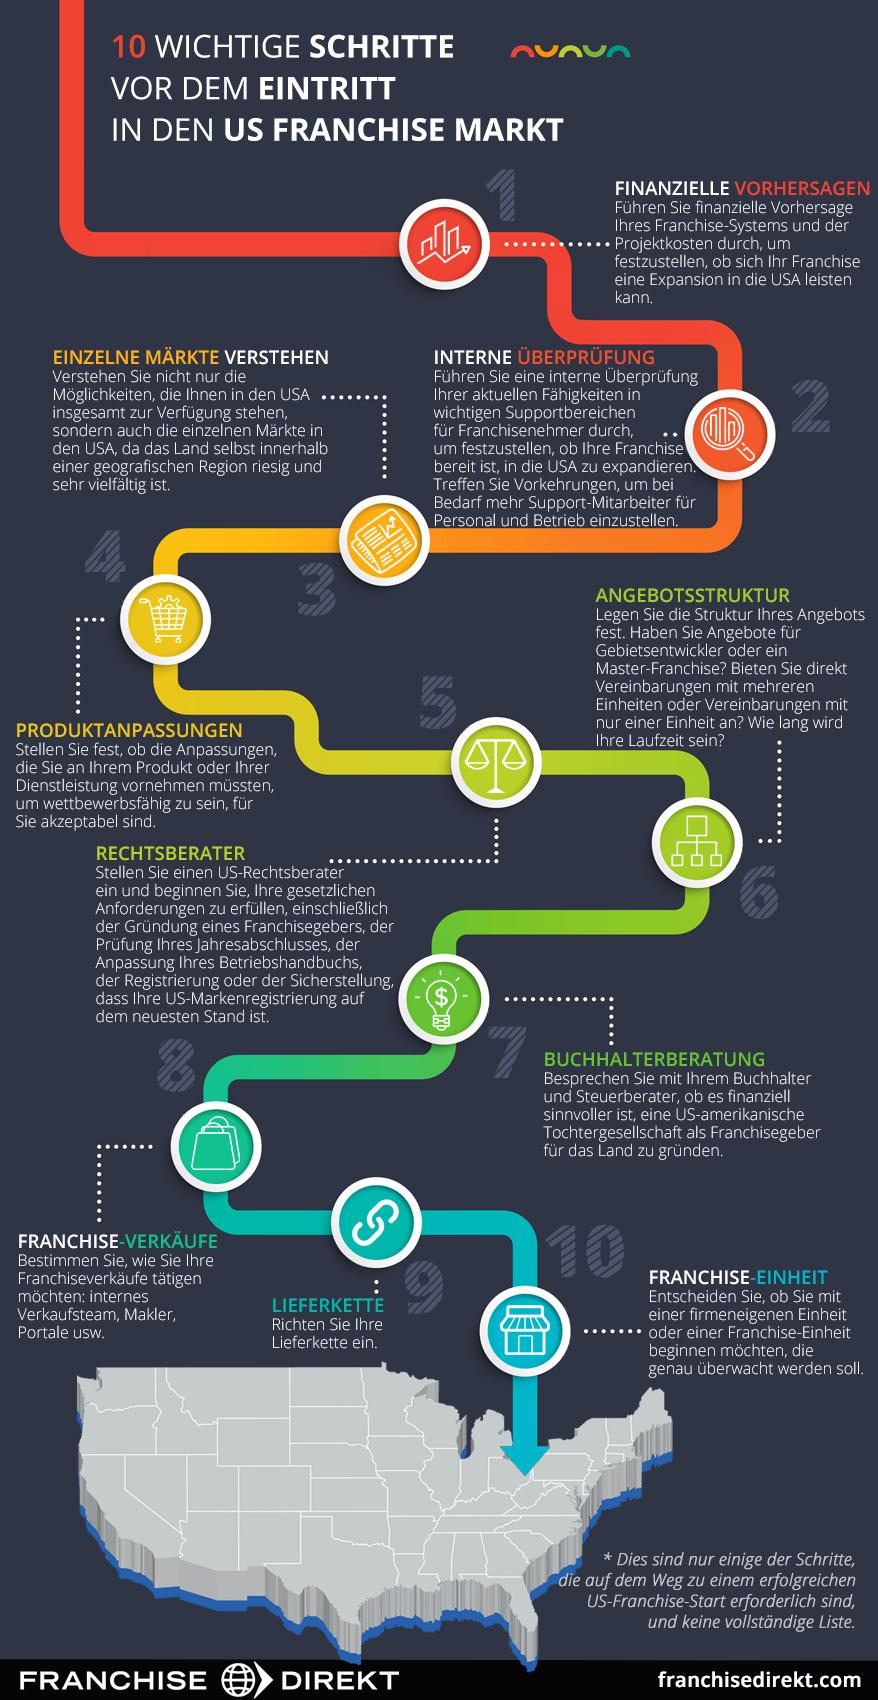 10 wichtigsten Schritte